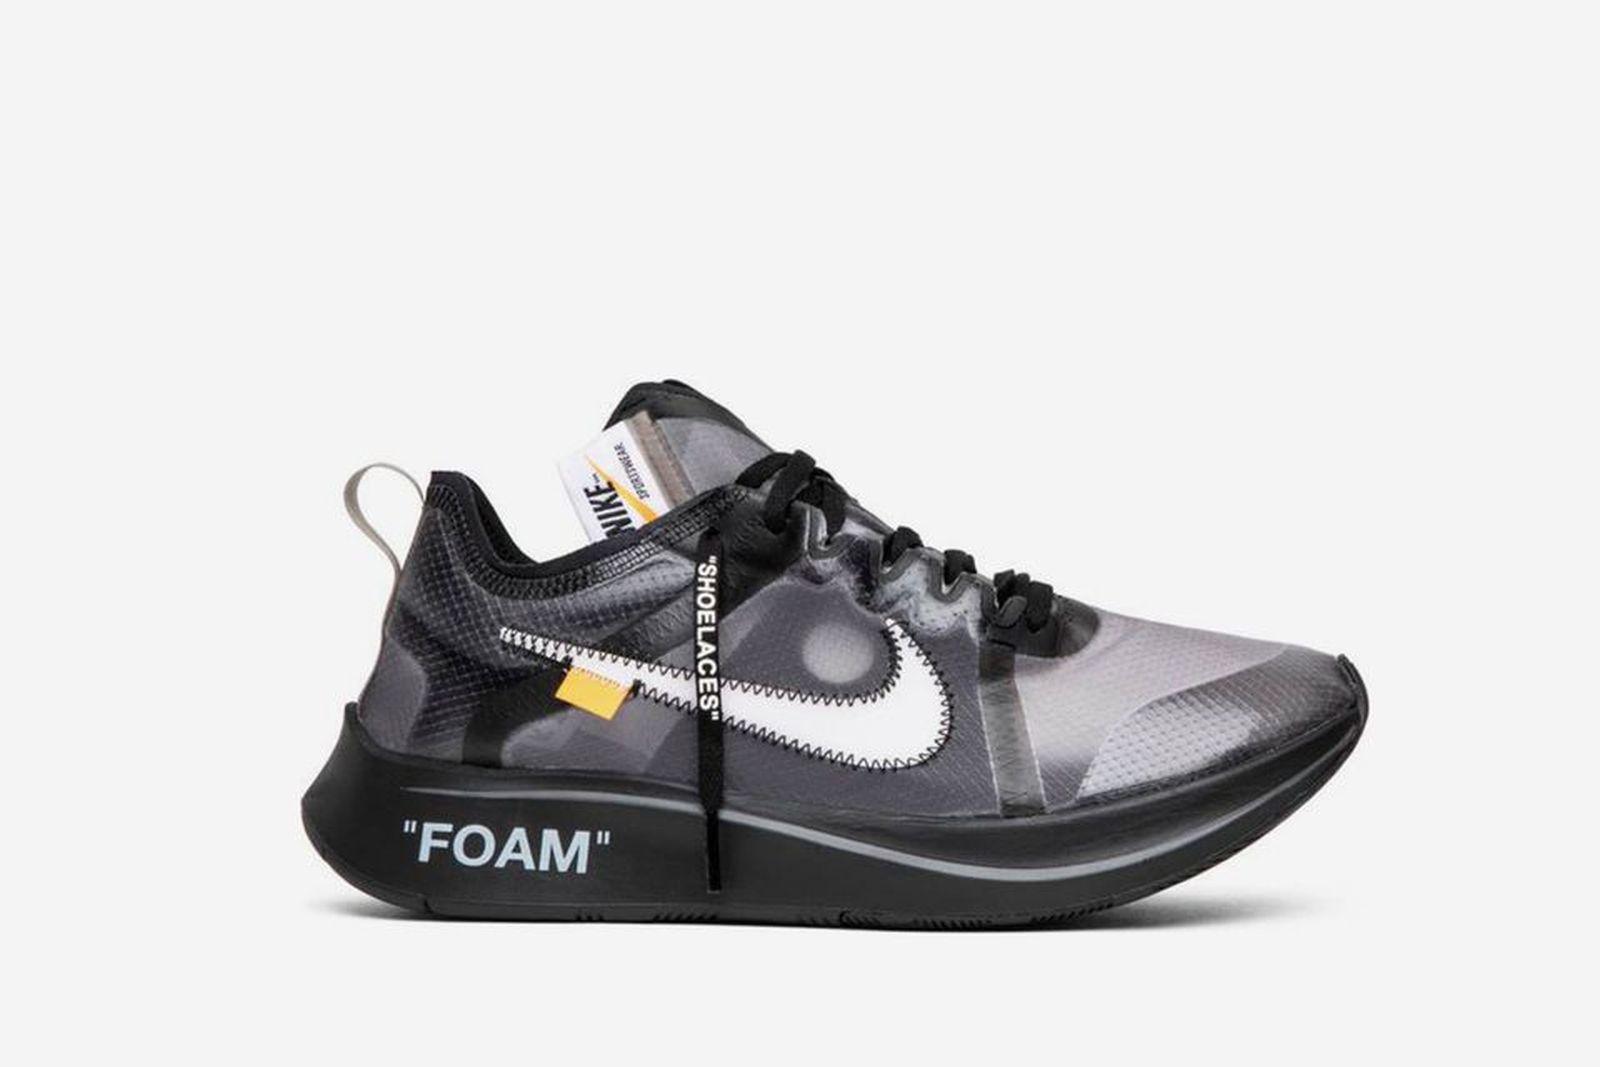 off white zoom fly black GOAT Nike The Ten OFF-WHITE c/o Virgil Abloh